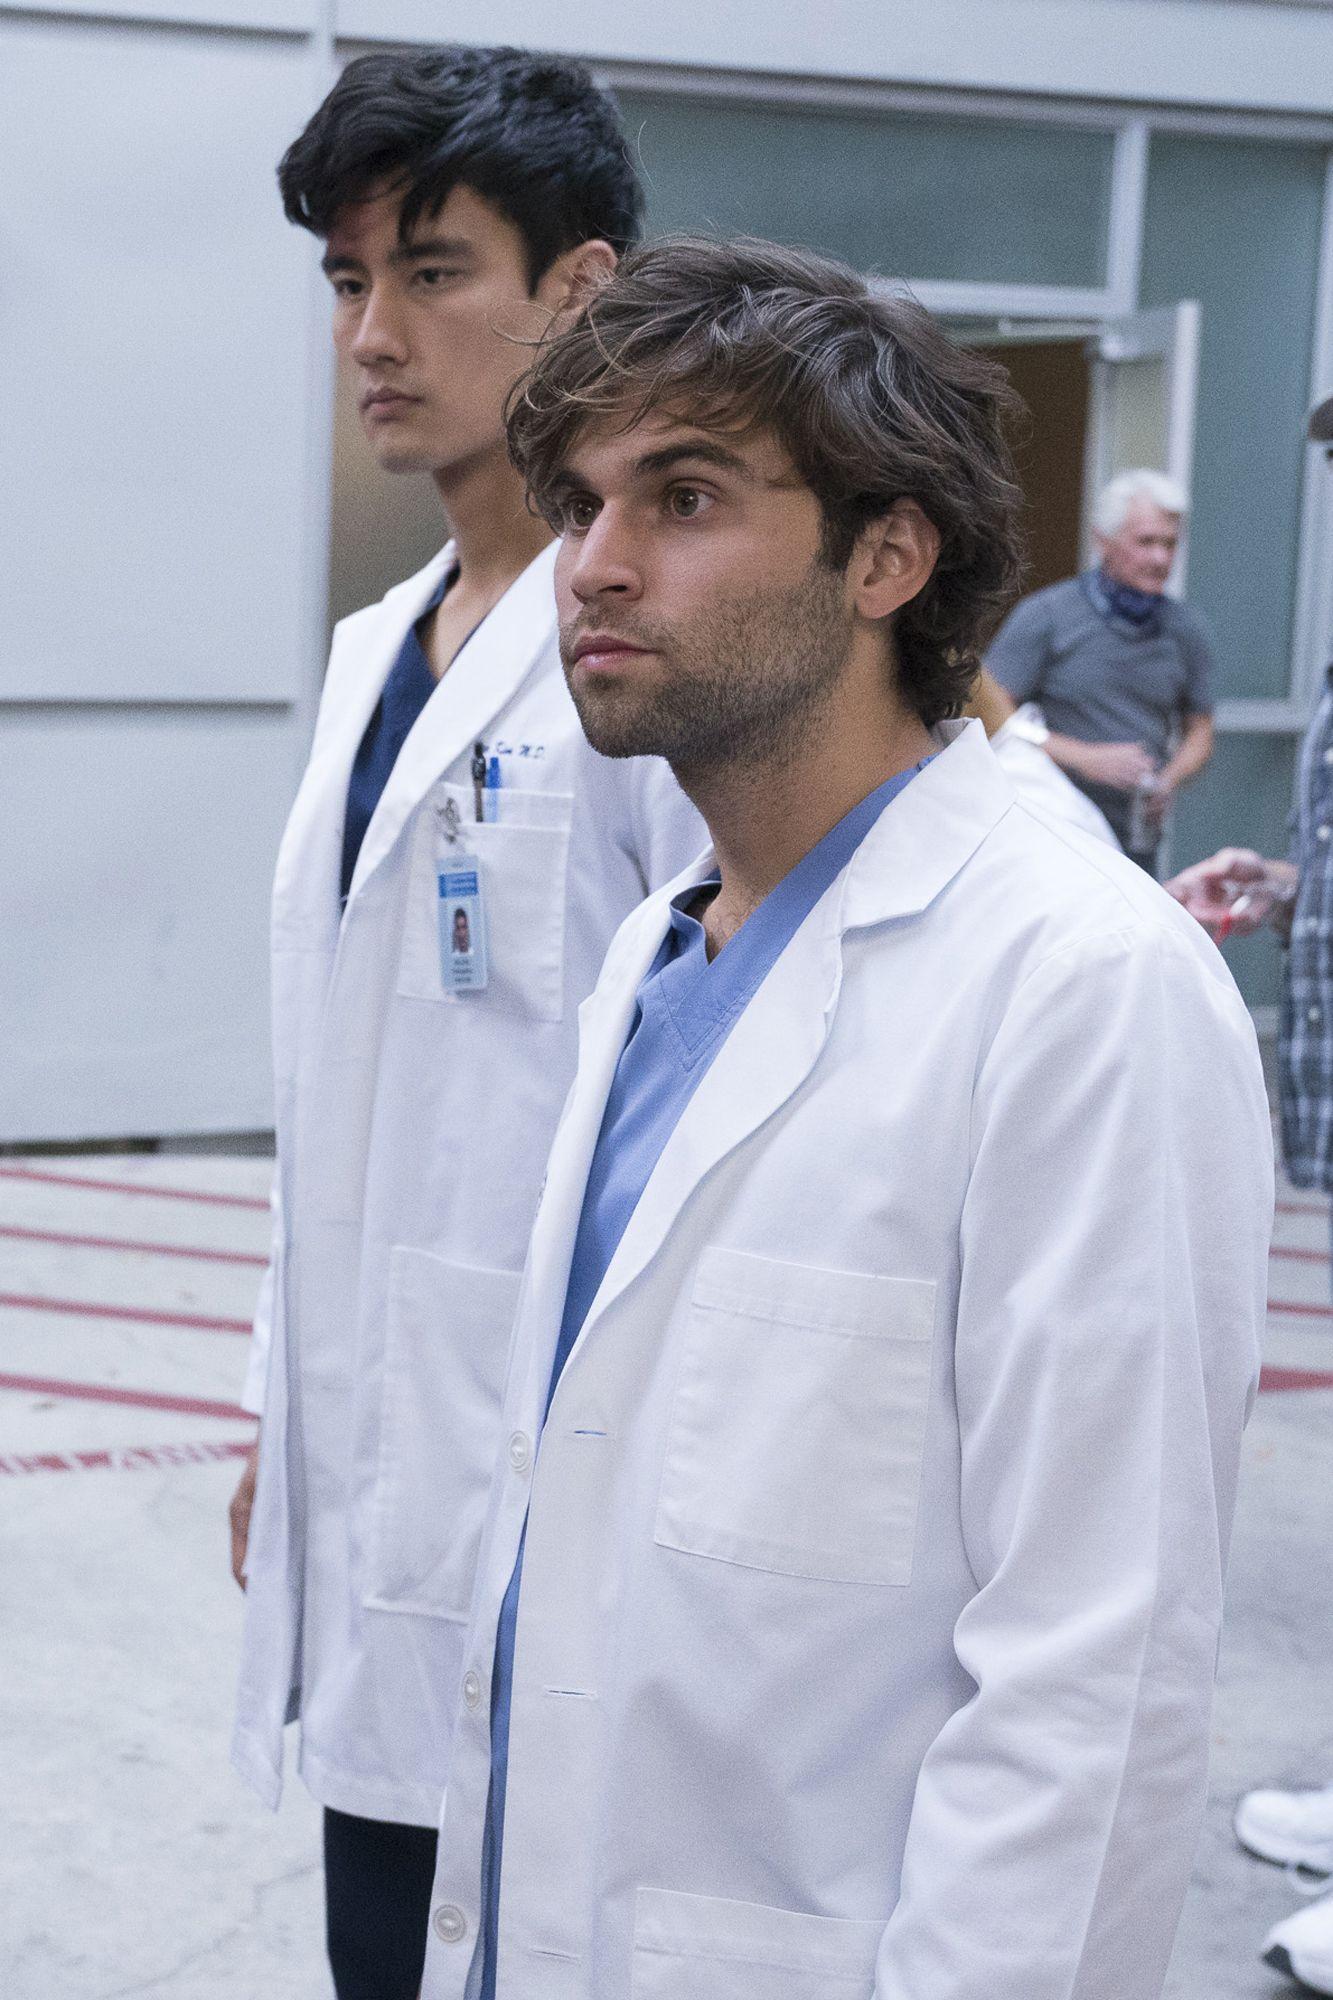 GreyS Anatomy Levi